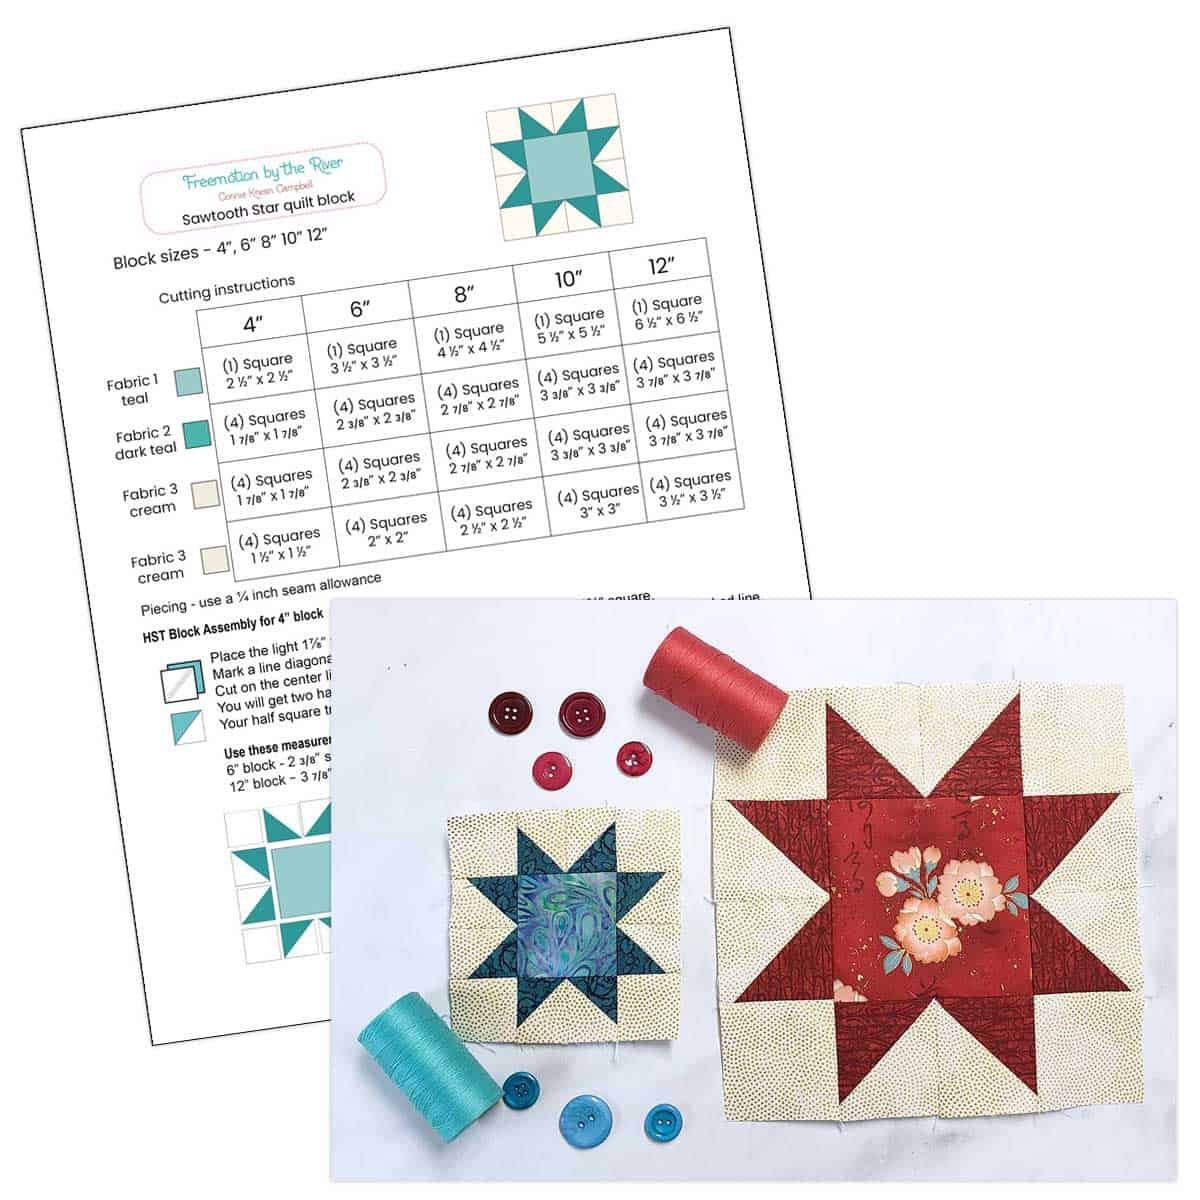 Free pdf of quilt block tutorial